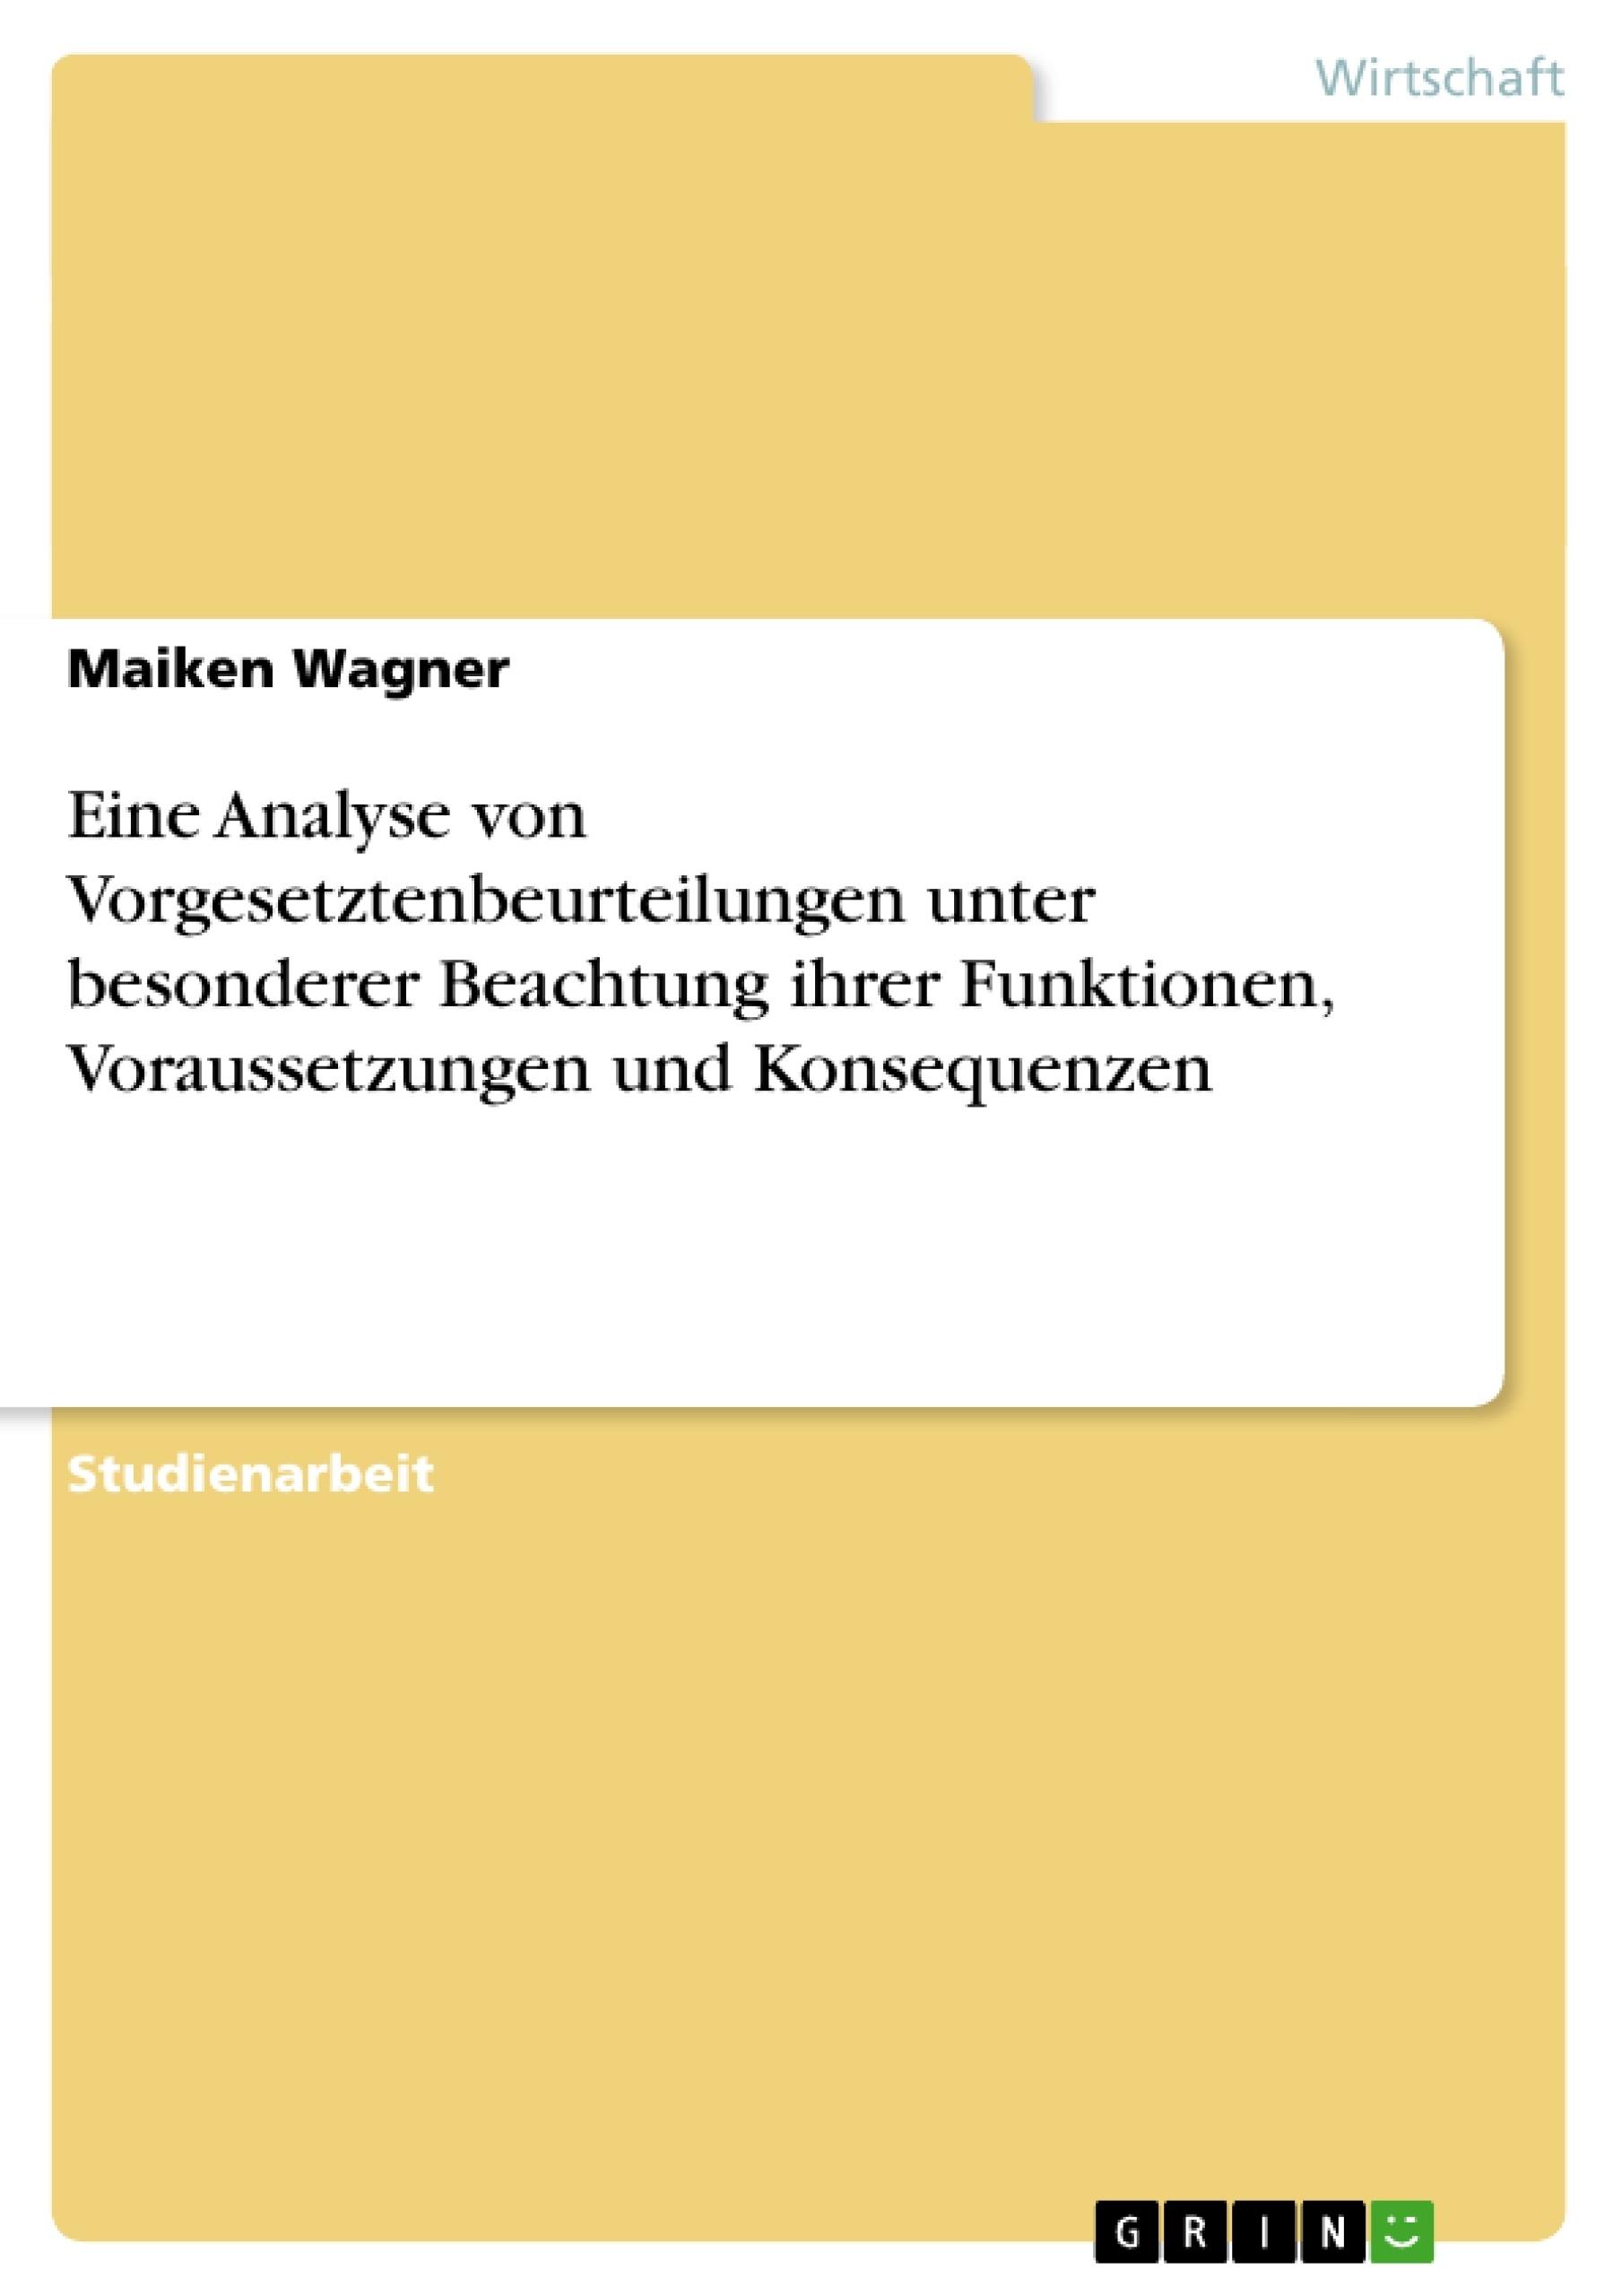 Titel: Eine Analyse von Vorgesetztenbeurteilungen unter besonderer Beachtung ihrer Funktionen, Voraussetzungen und Konsequenzen